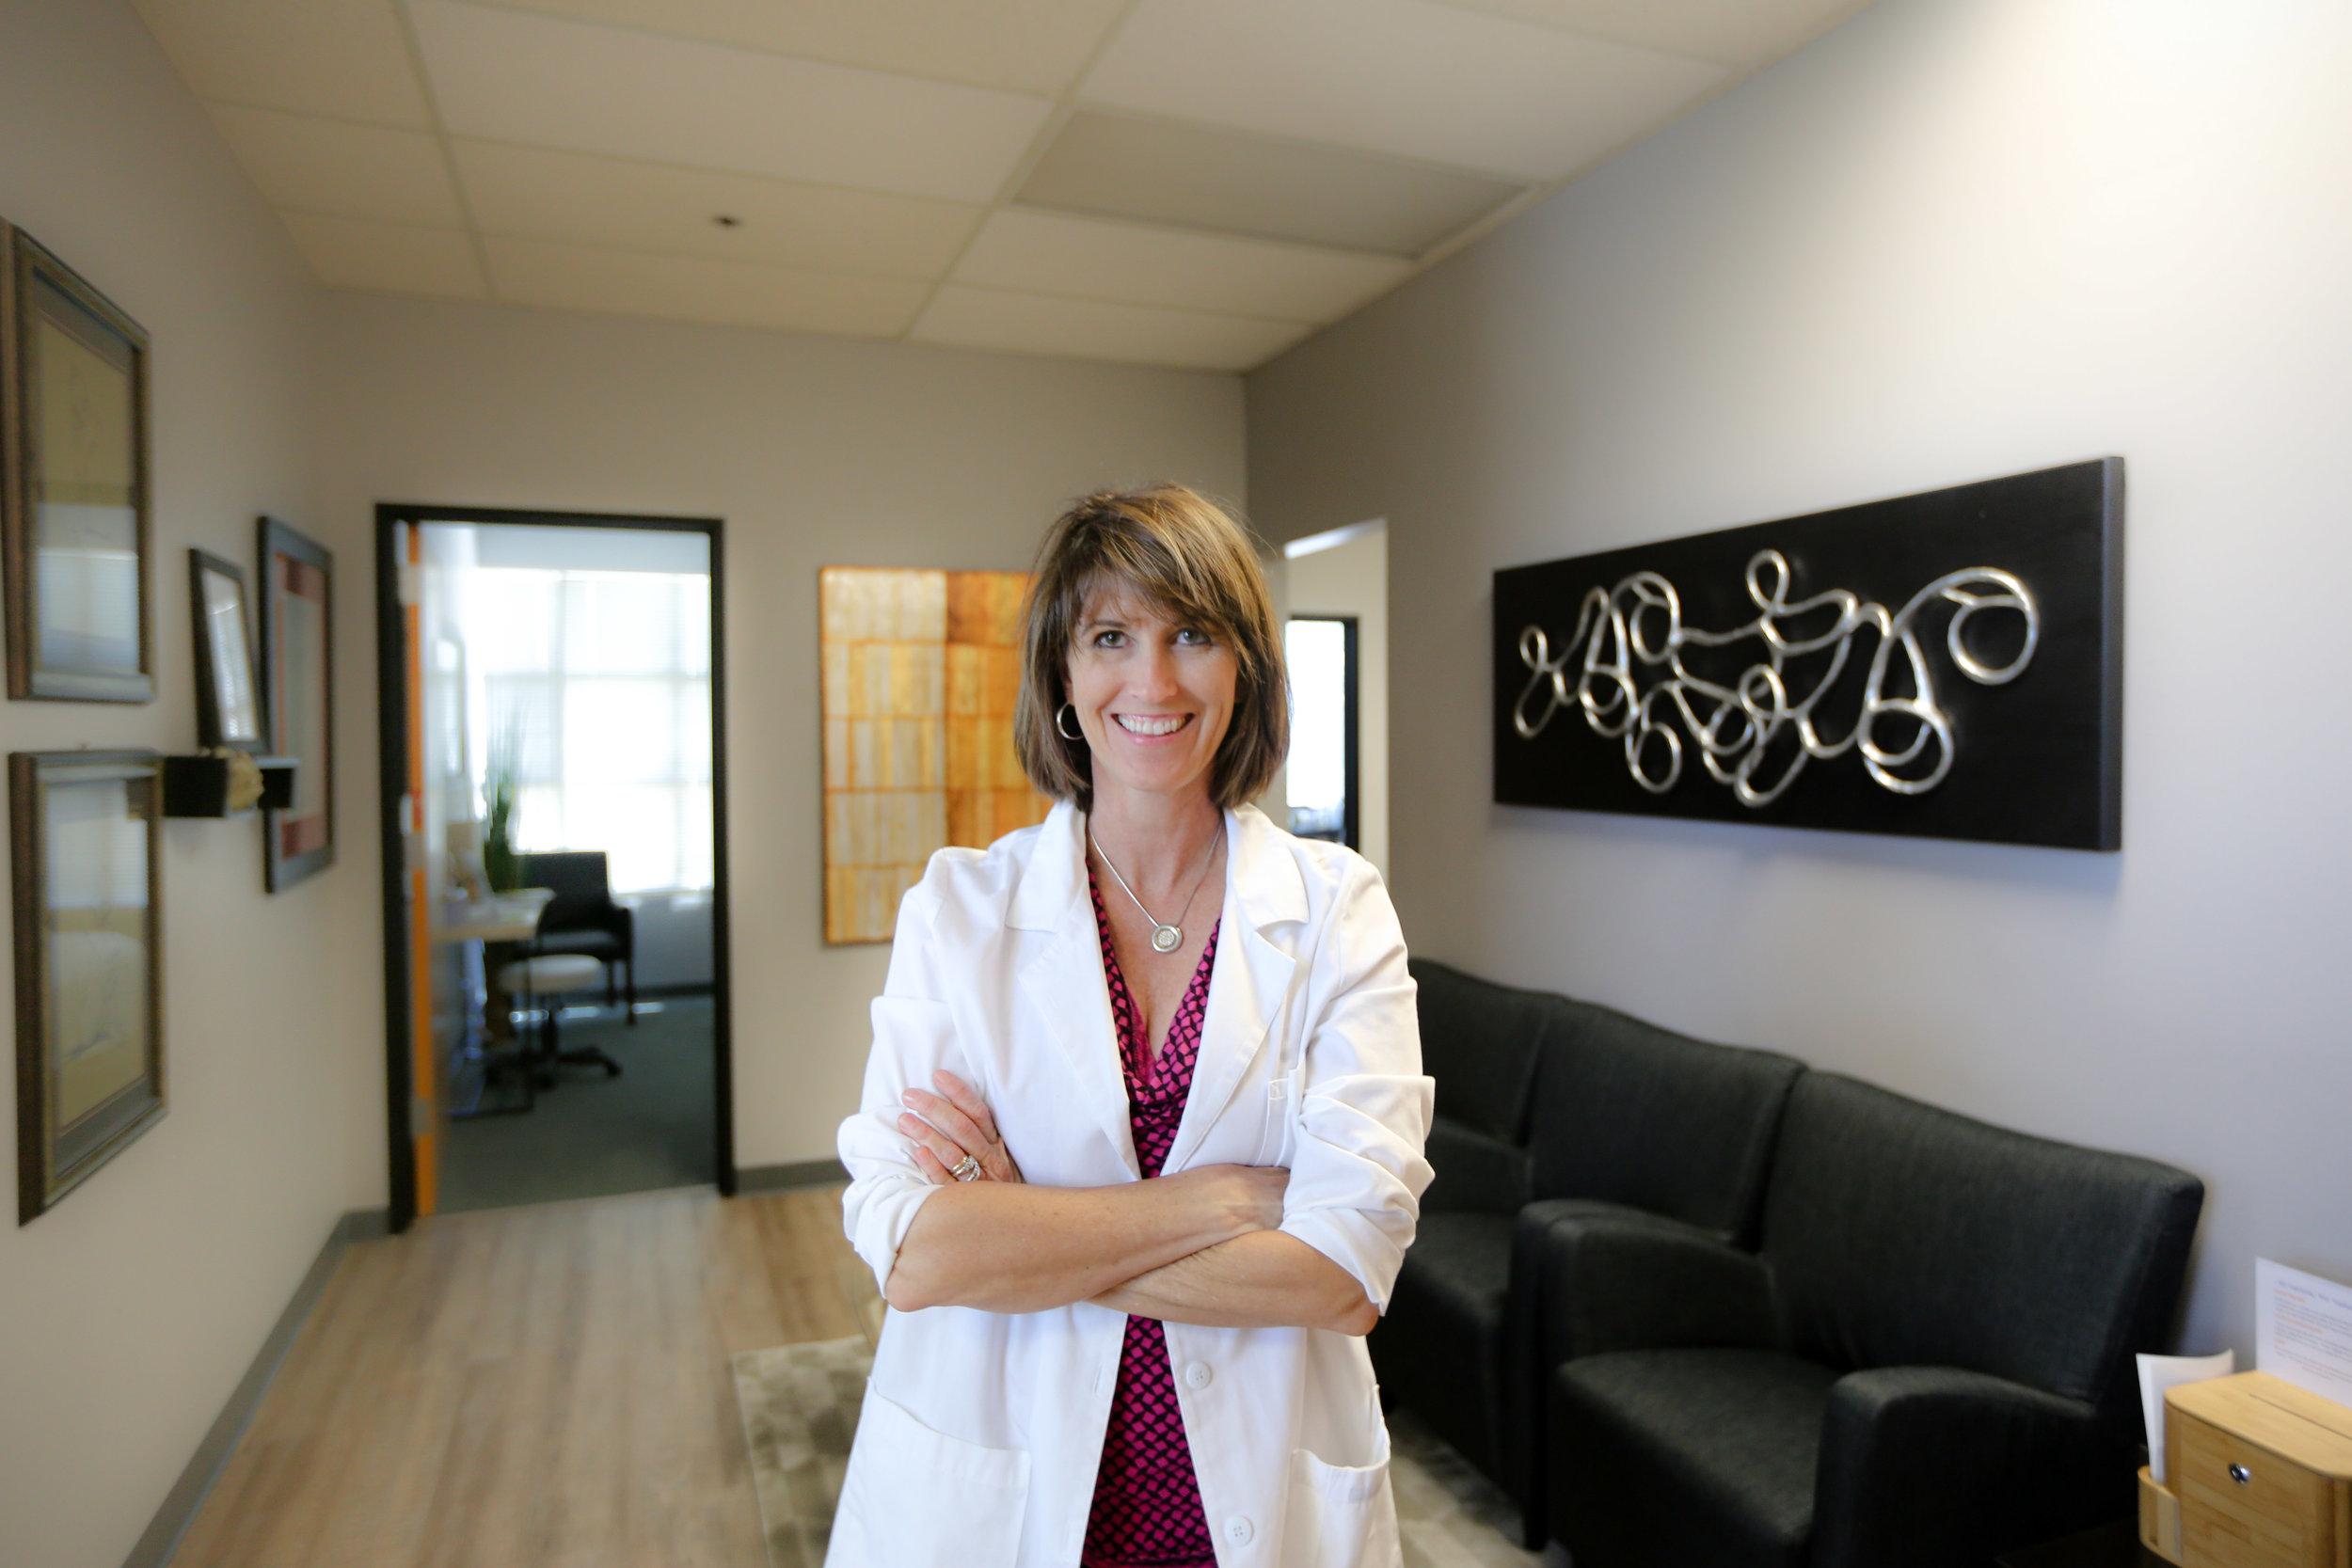 Julie Sarton,PT, DPT, WCS of Sarton Physical Therapy